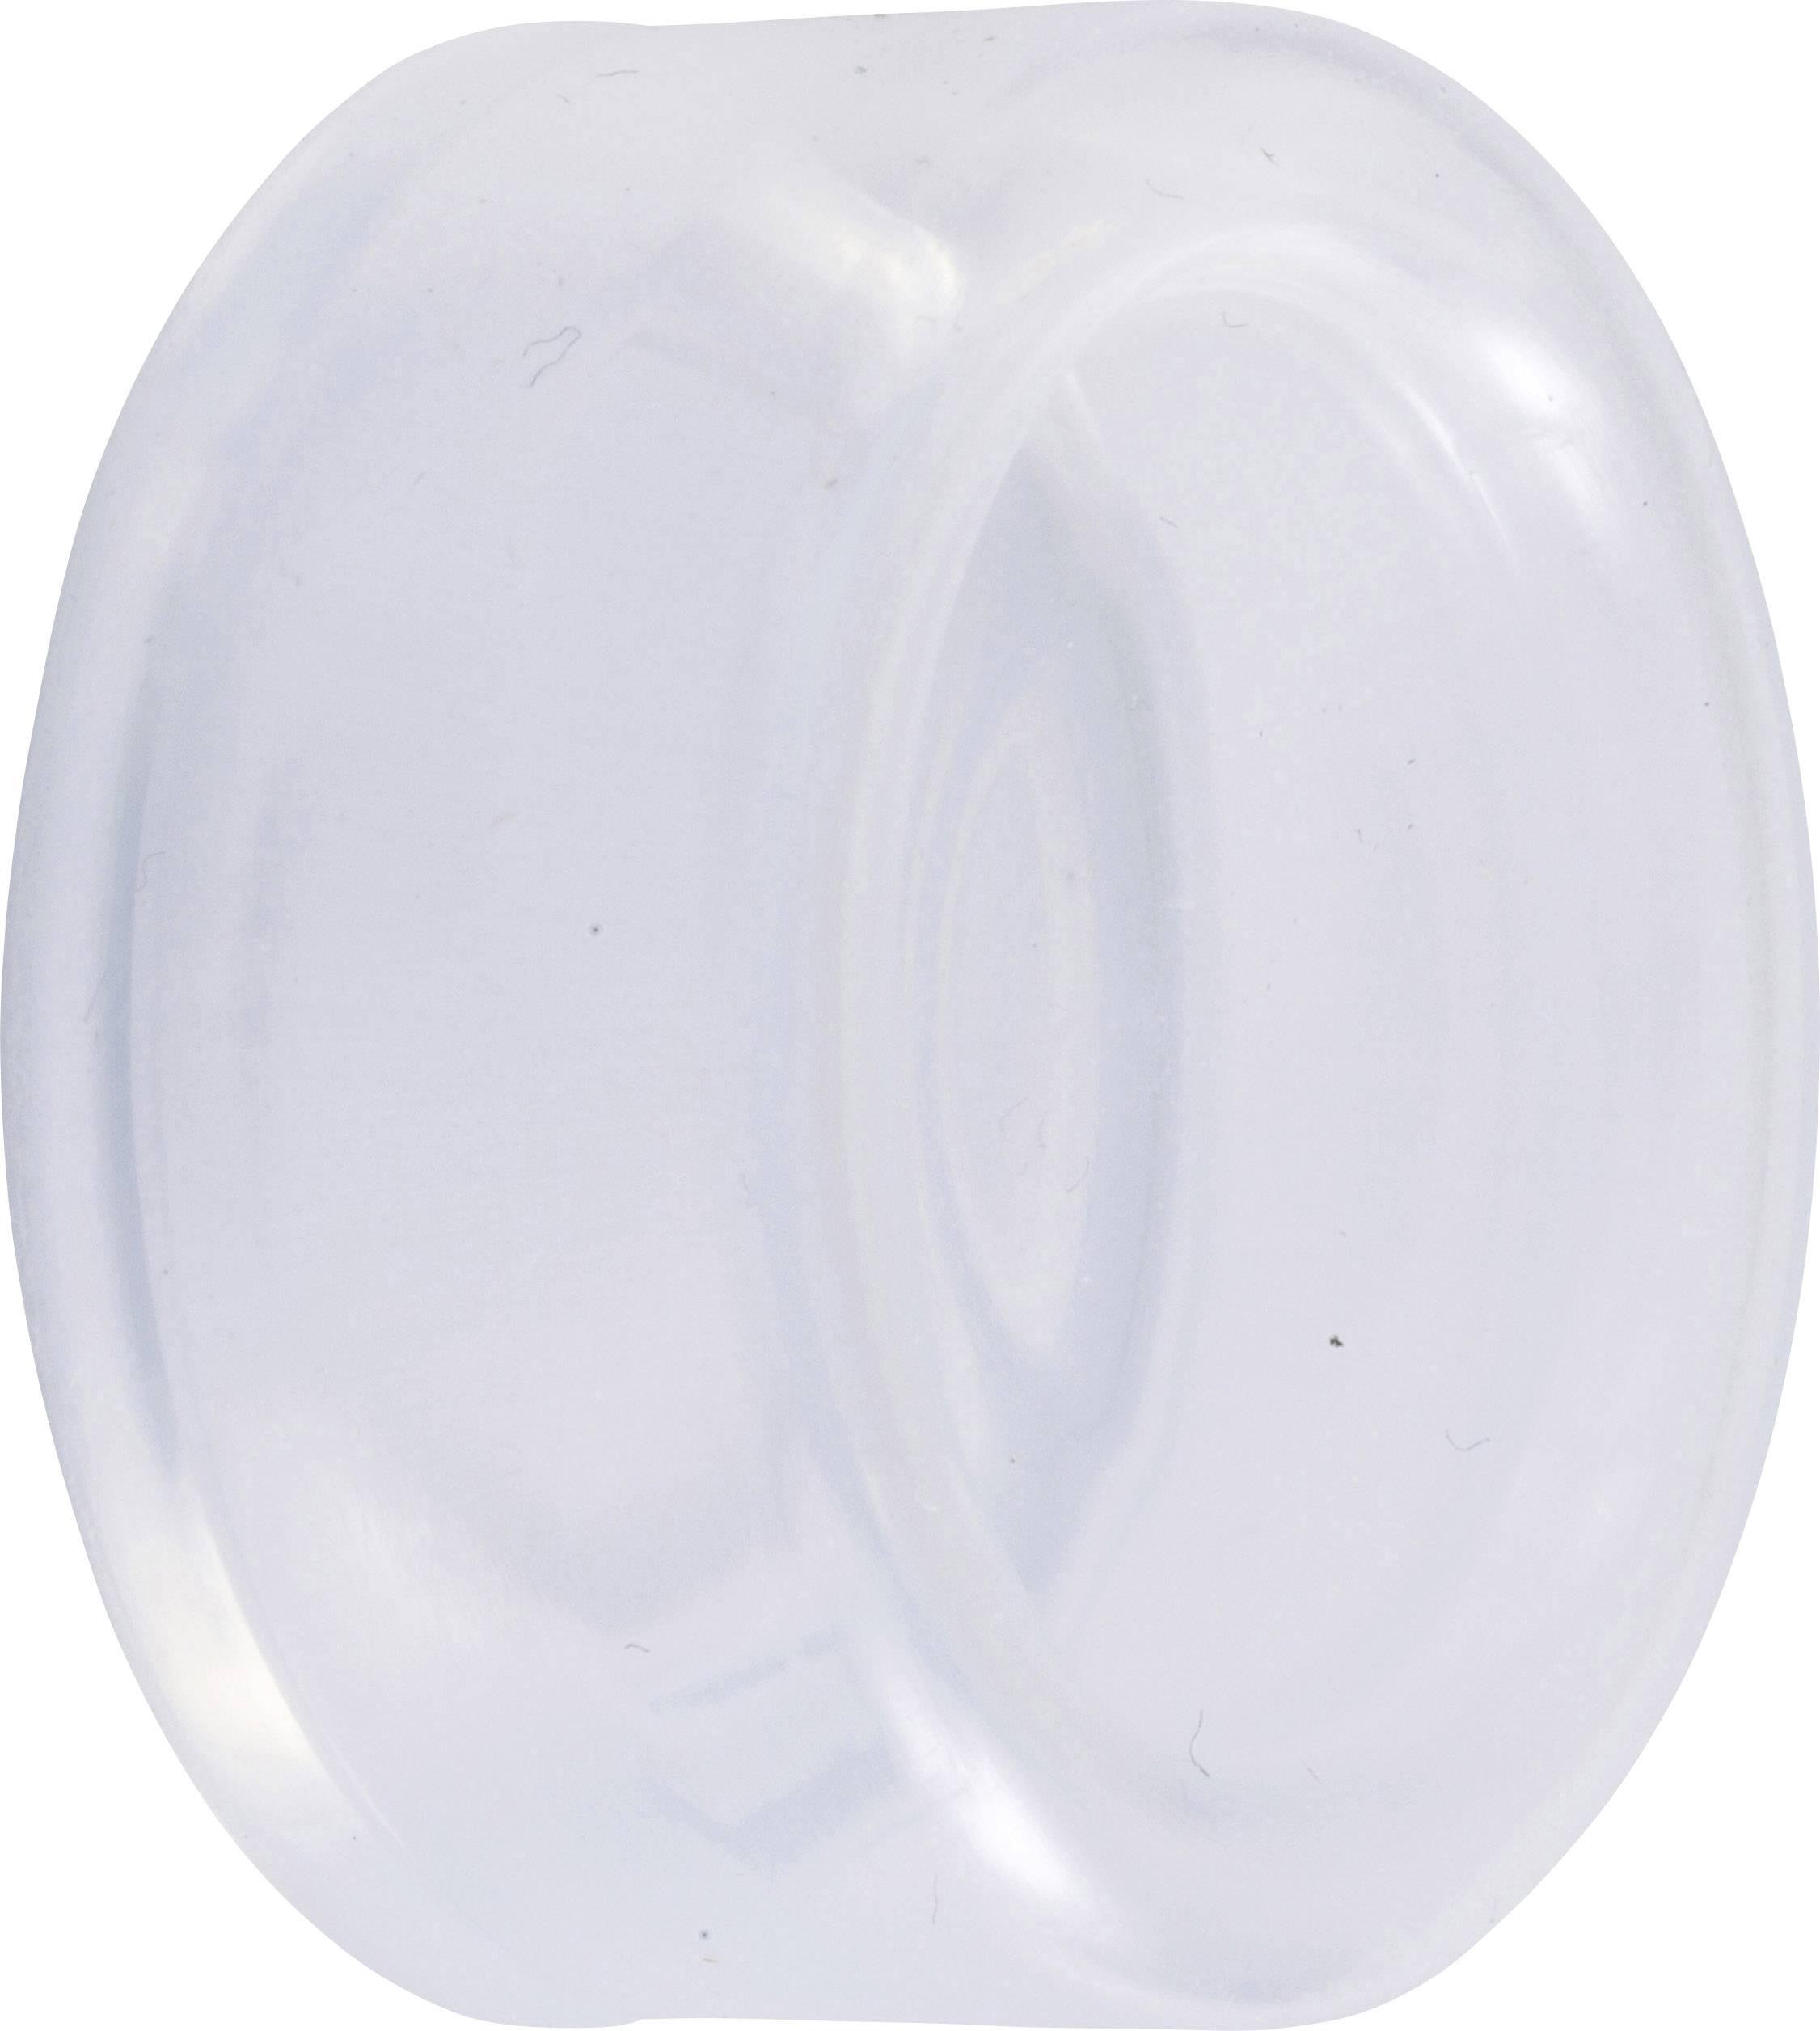 Ochranná krytka Schneider Electric ZBPA ZBPA, (Ø) 22 mm, transparentní, 1 ks